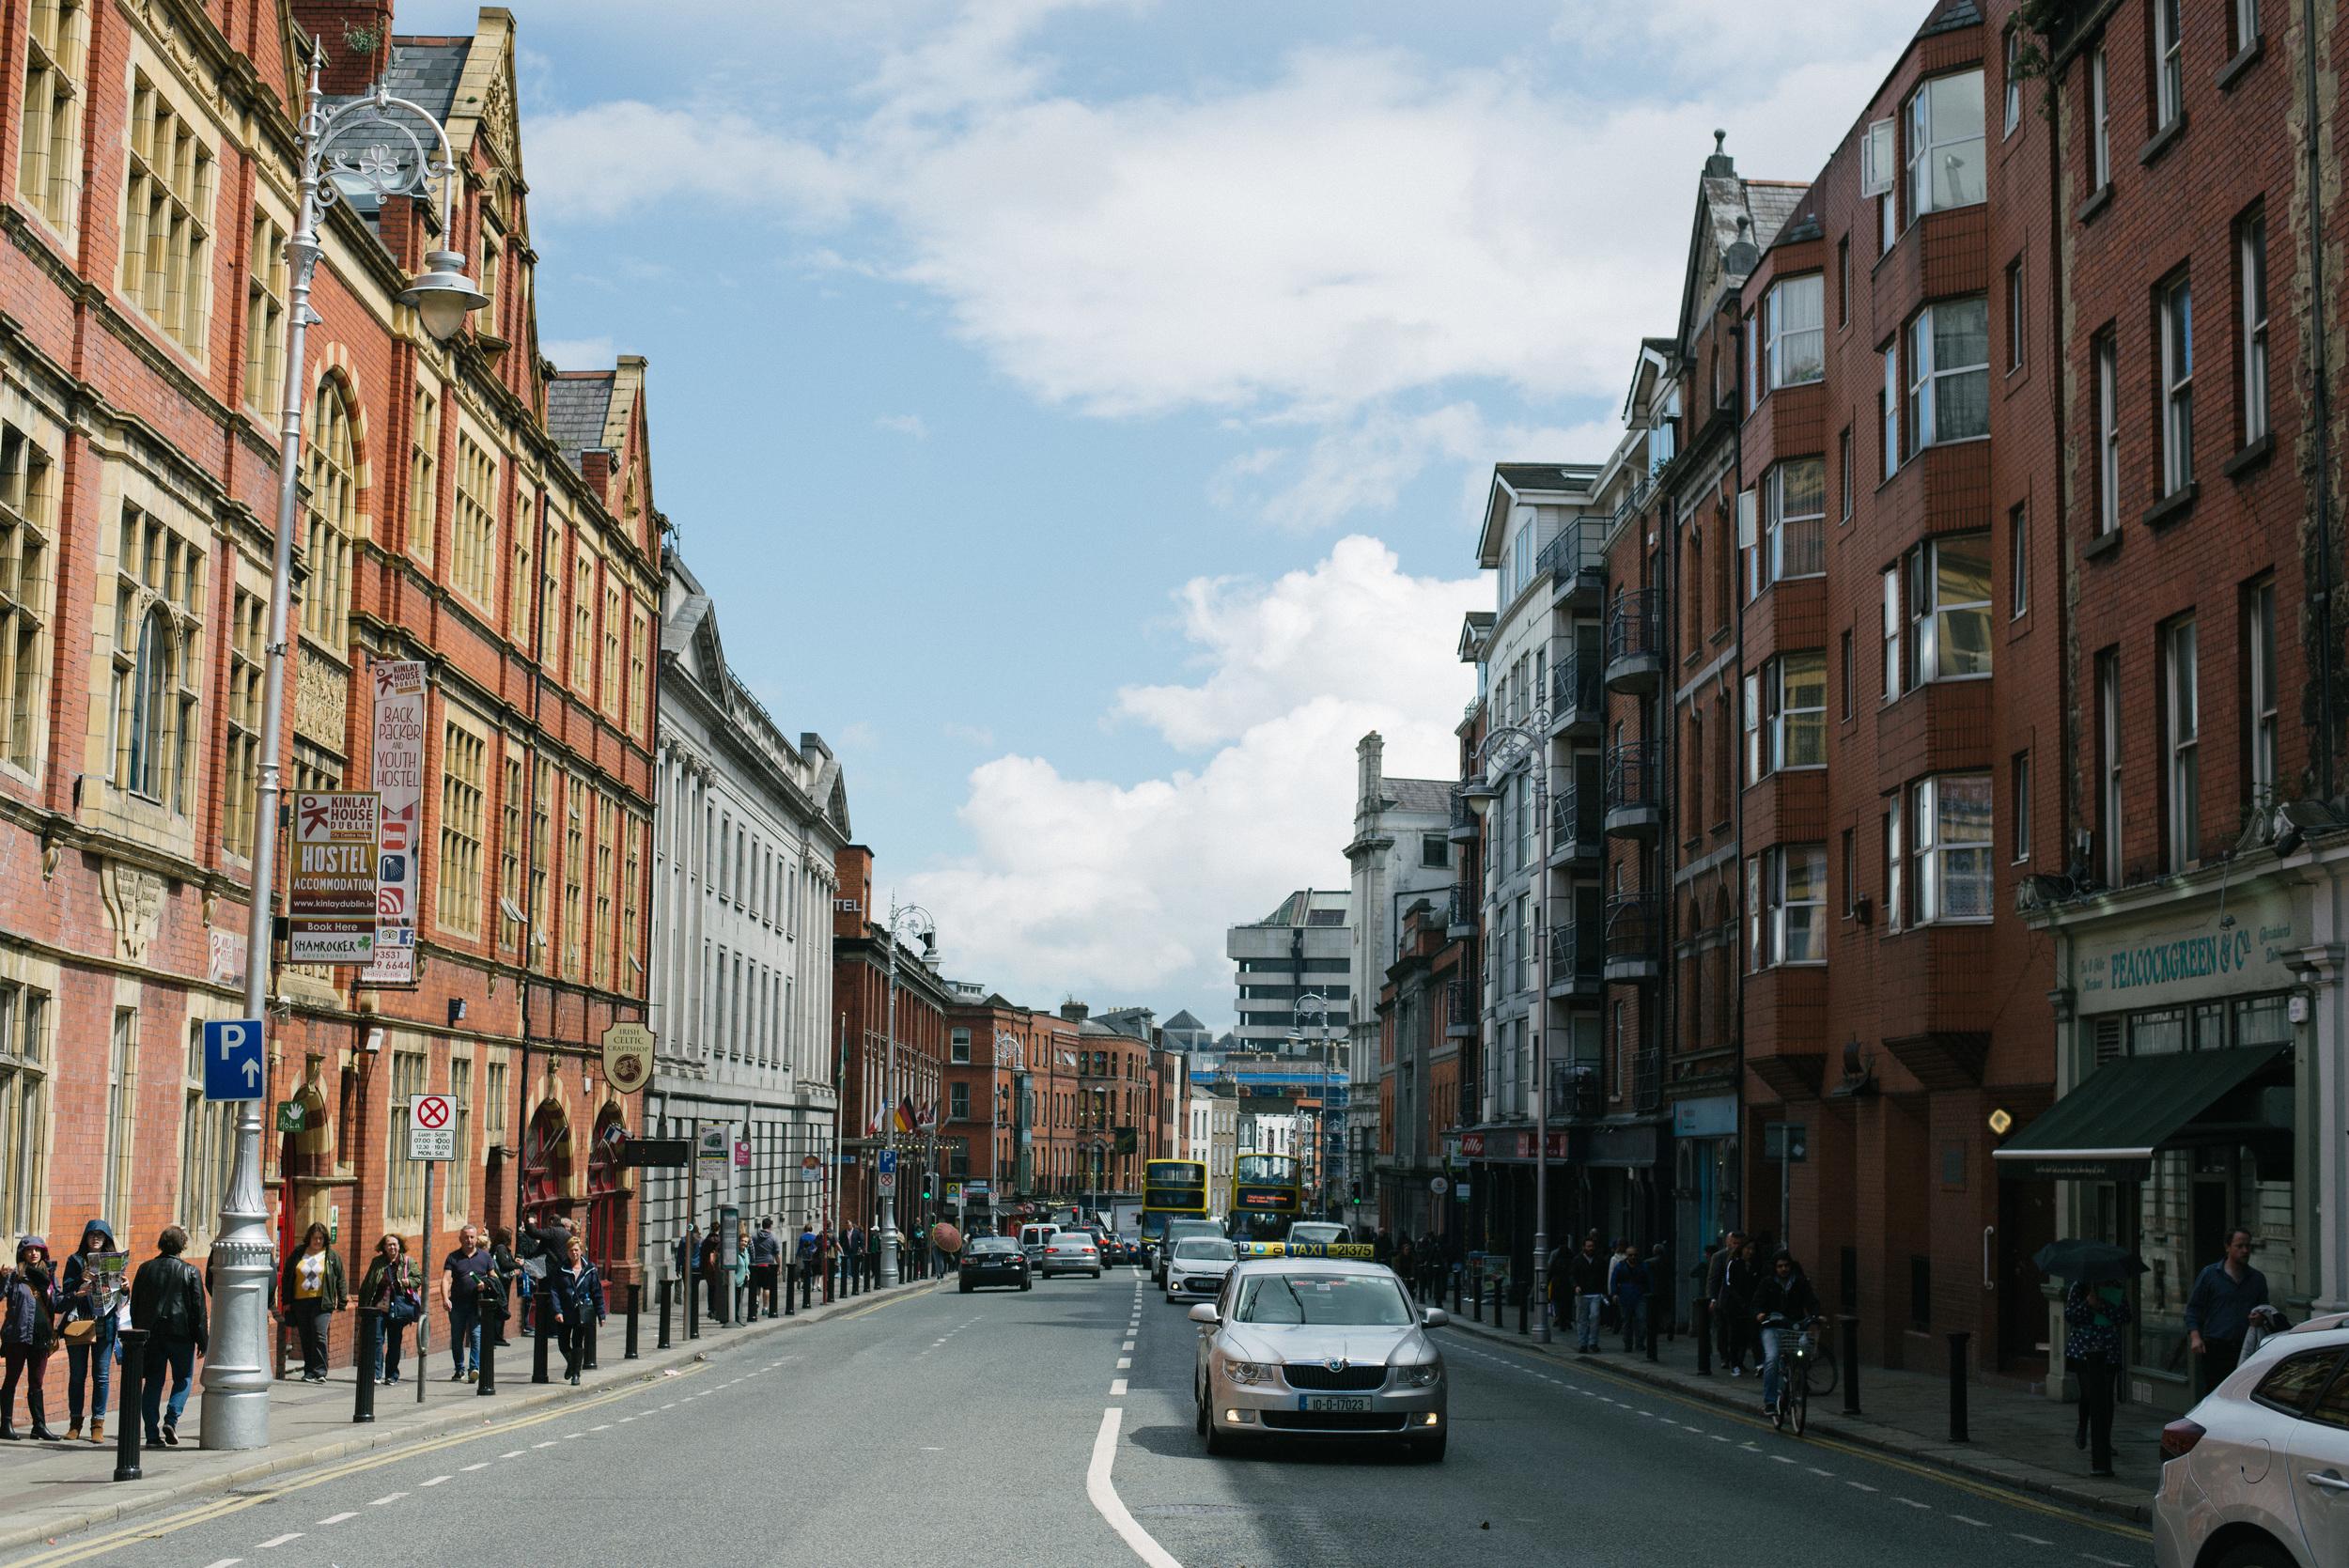 Dublin-Ireland-street-city-photo